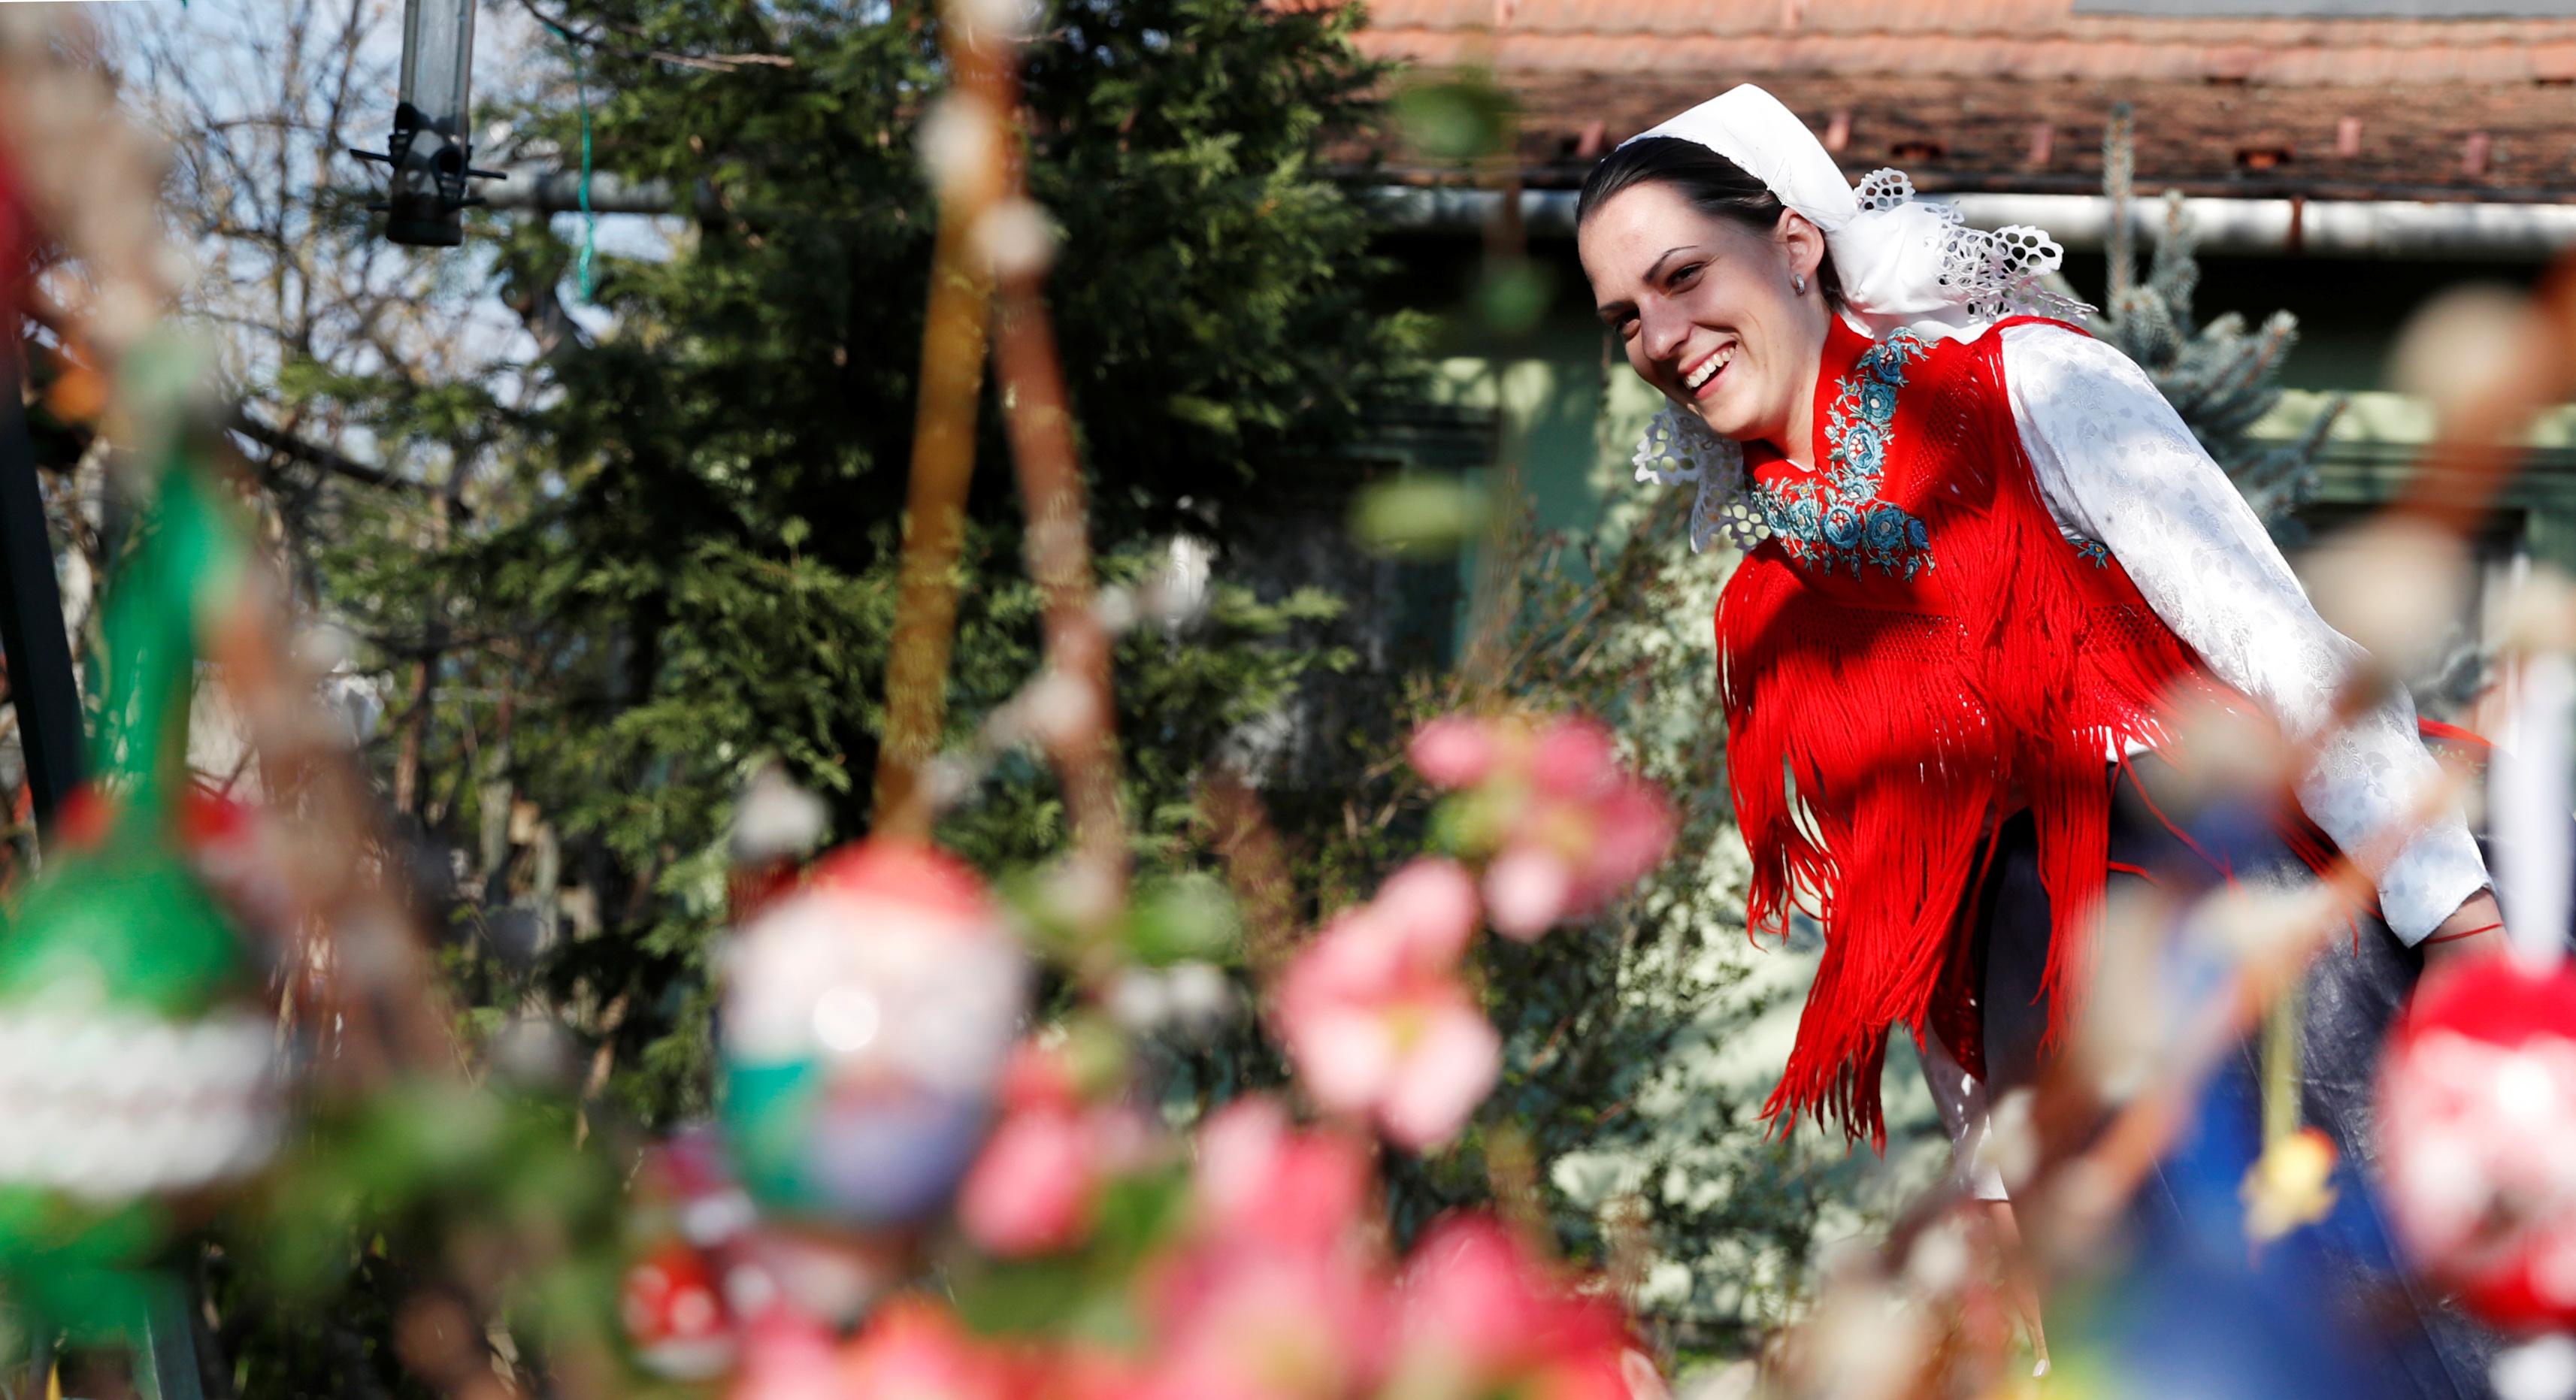 HUNGRÍA - Las celebraciones típicas por Pascuas no se cancelaron en Veresegyhaz, Hungría. Anna Jovanovic se vistió con los atuendos tradicionales de la fecha